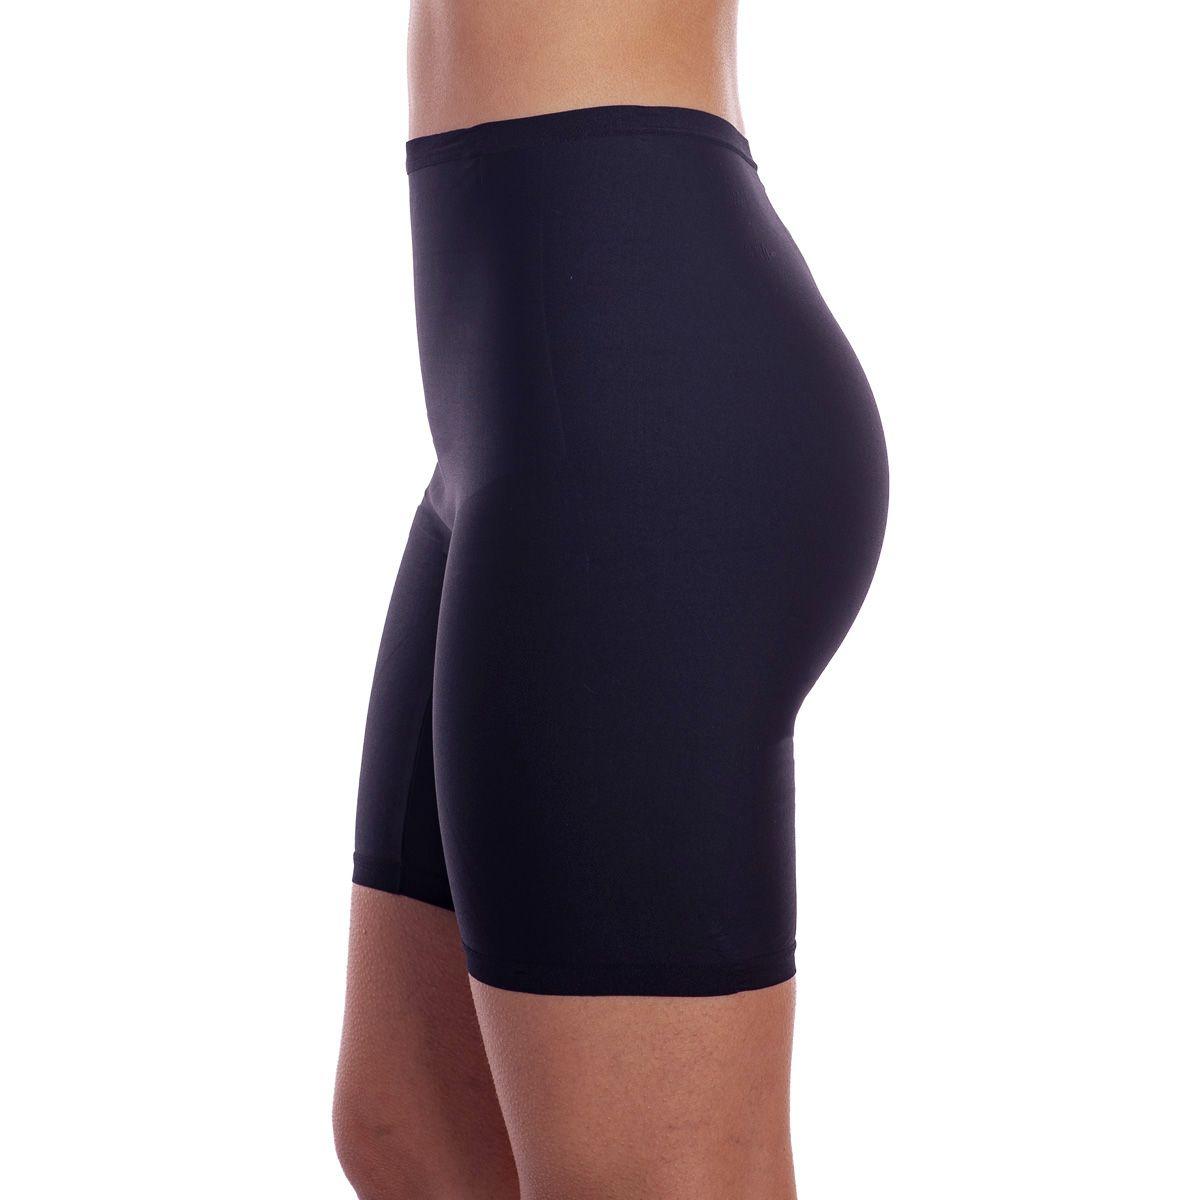 Bermuda Slim Compact Curves De Suave Compressão Dilady